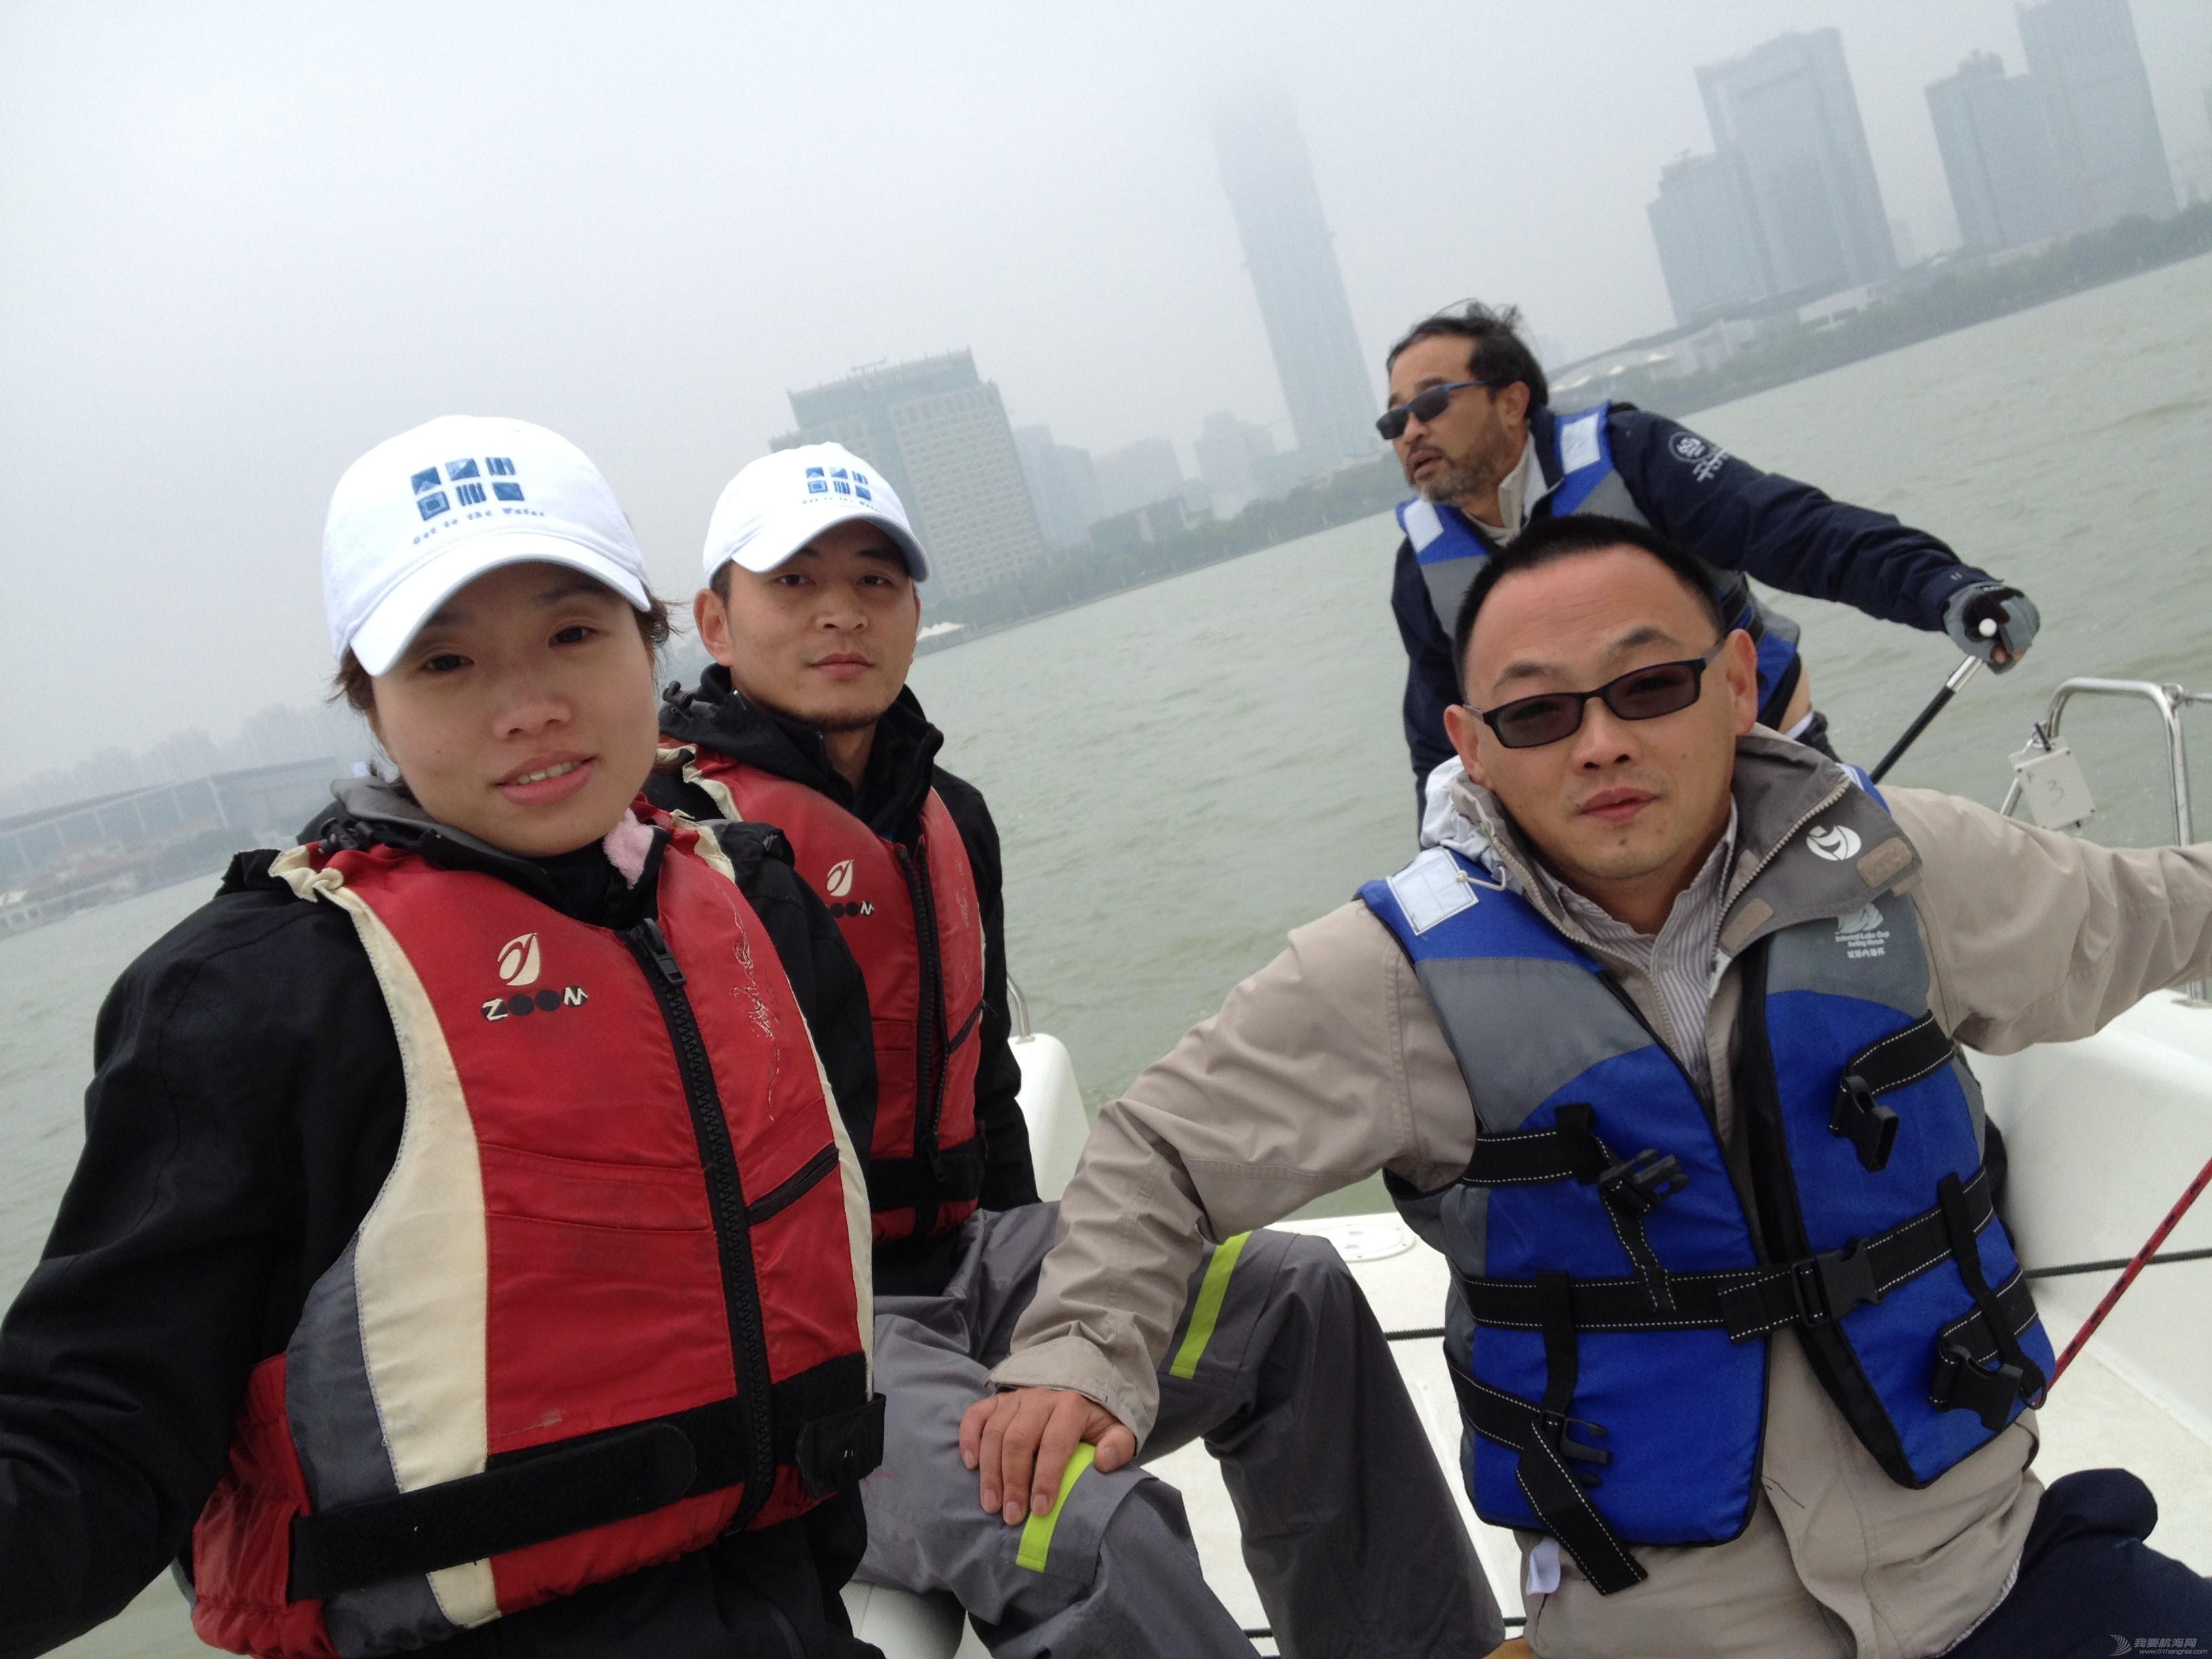 金鸡,苏州 苏州金鸡湖帆船赛-我的处女赛 IMG_2940.JPG